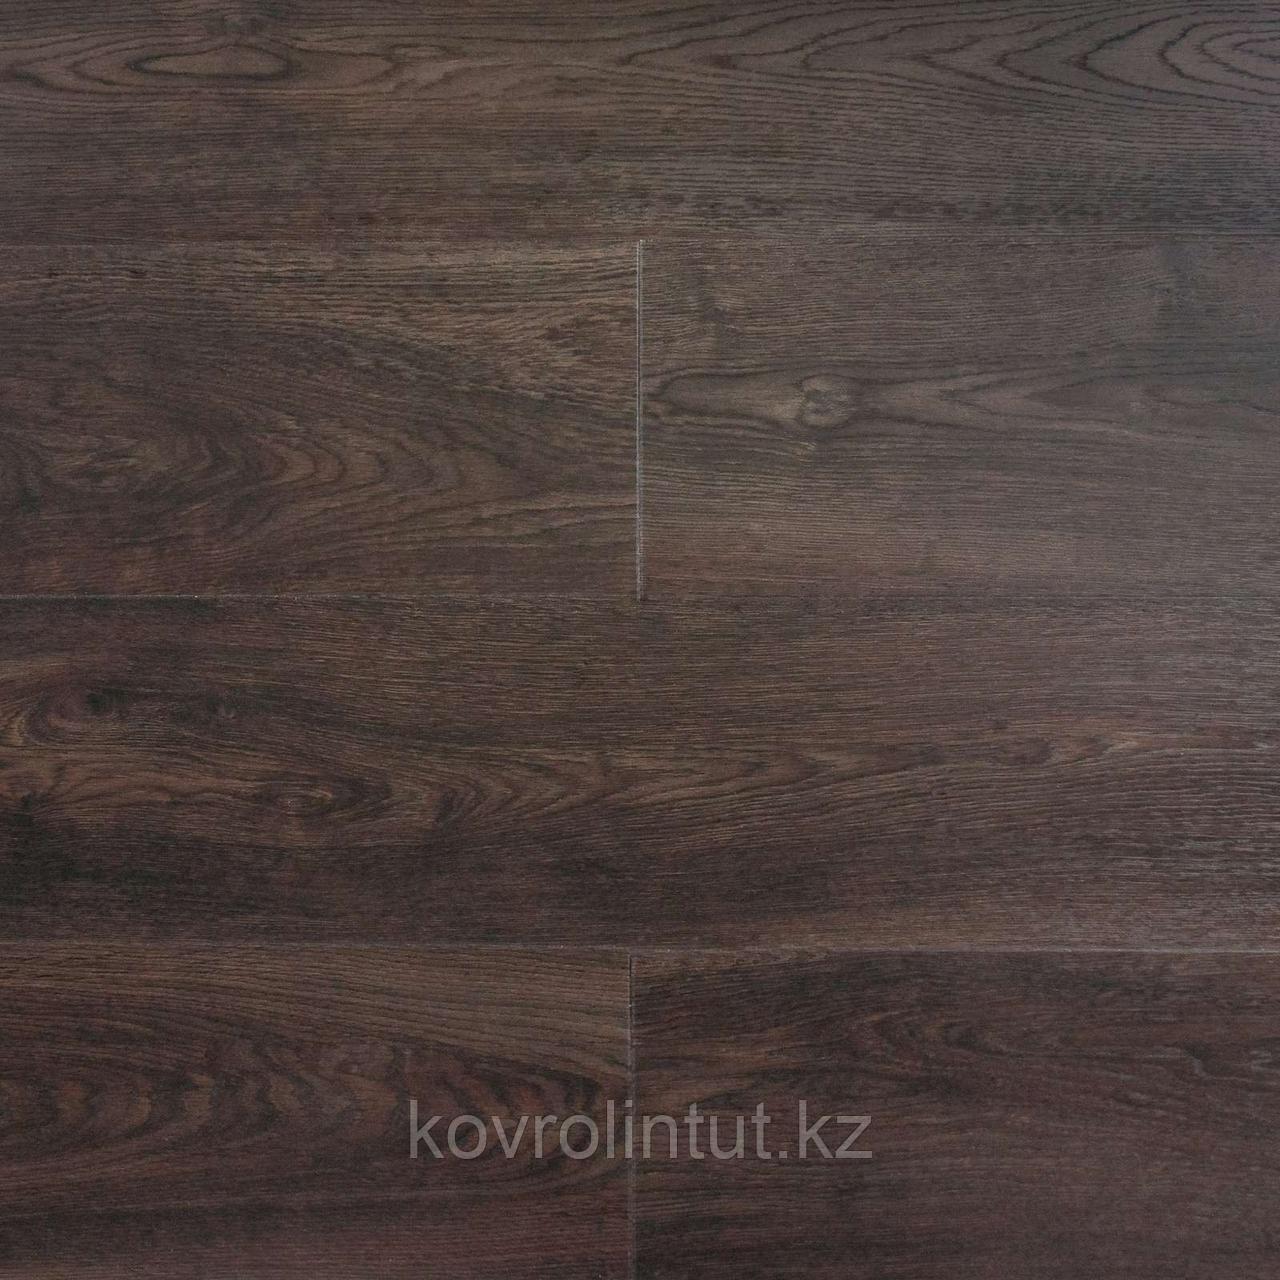 Плитка ПВХ клеевая IVC Divino California Oak 81889Q